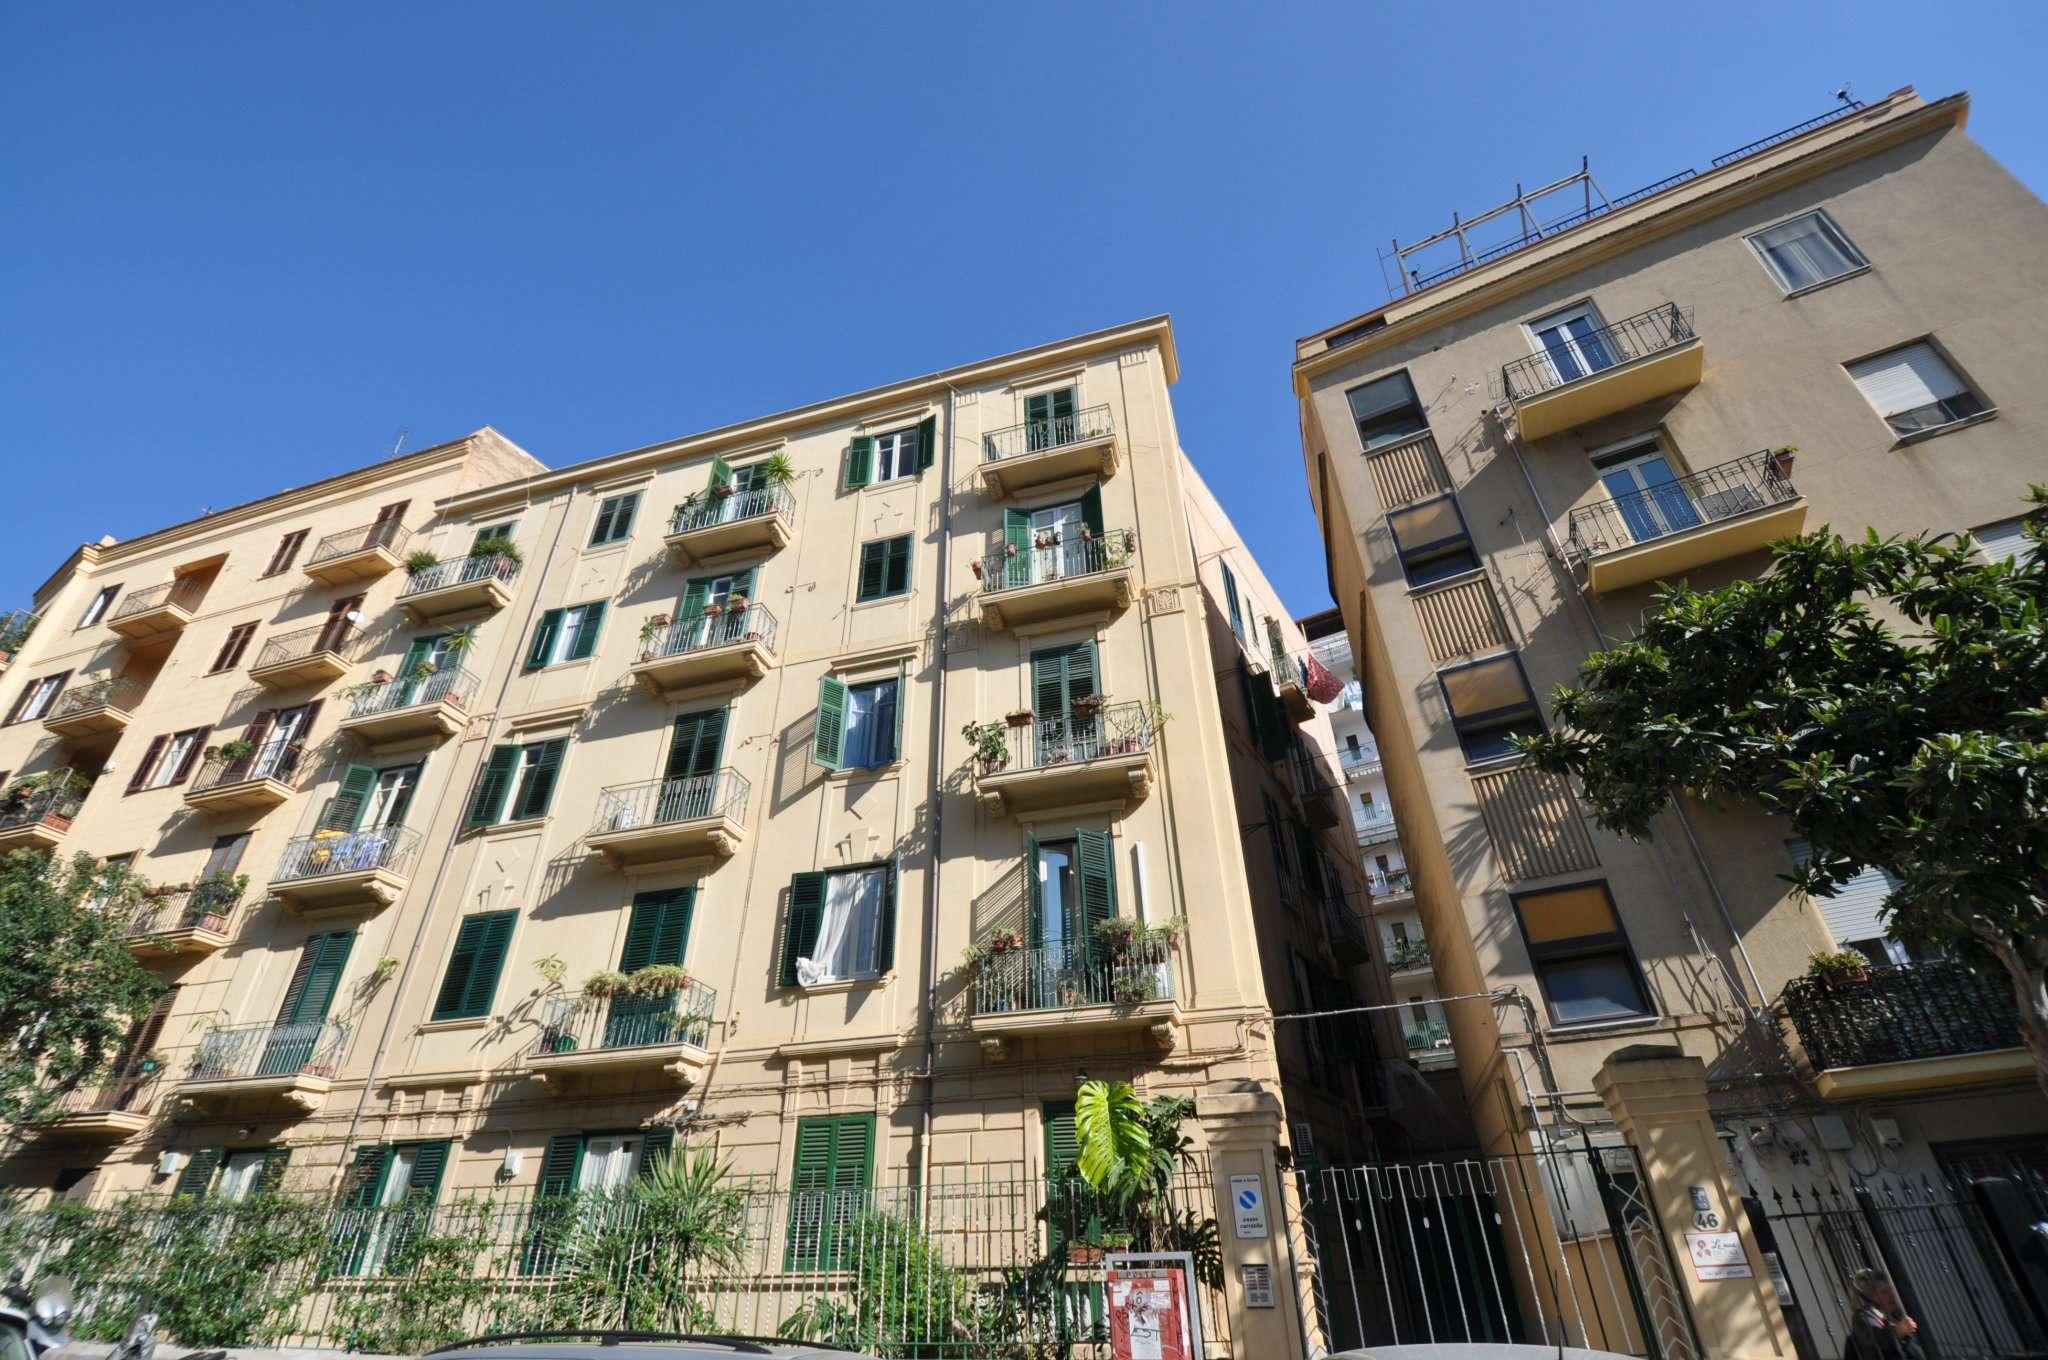 Ufficio-studio in Affitto a Palermo: 3 locali, 60 mq